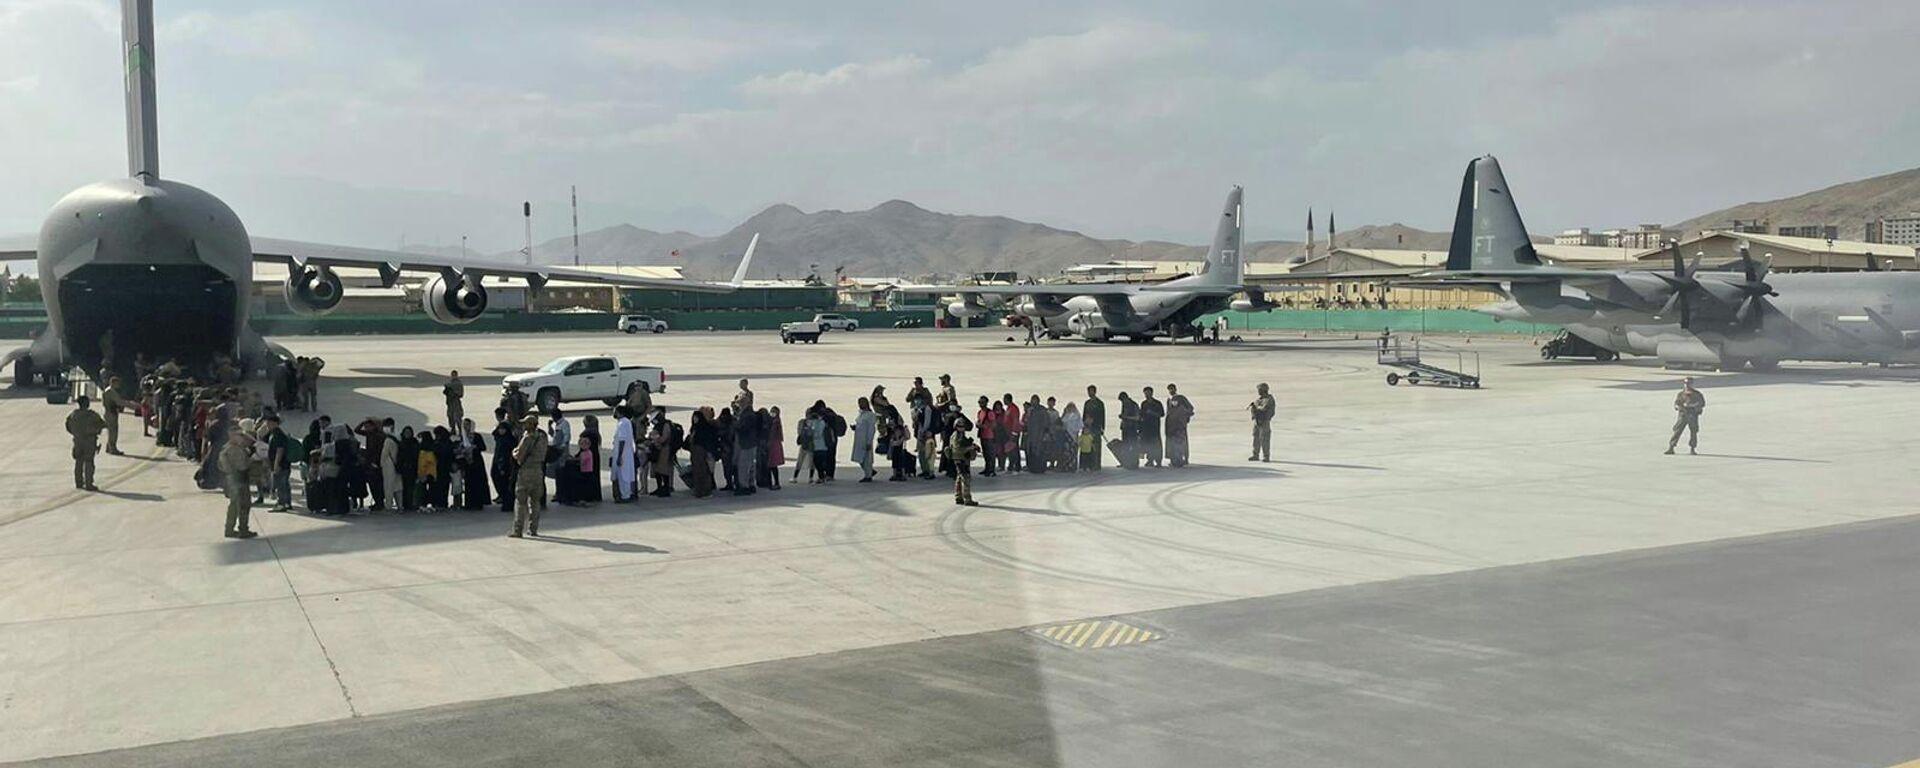 Евакуација грађана Авганистана и страних држављана са аеродрома у Кабулу - Sputnik Србија, 1920, 30.08.2021